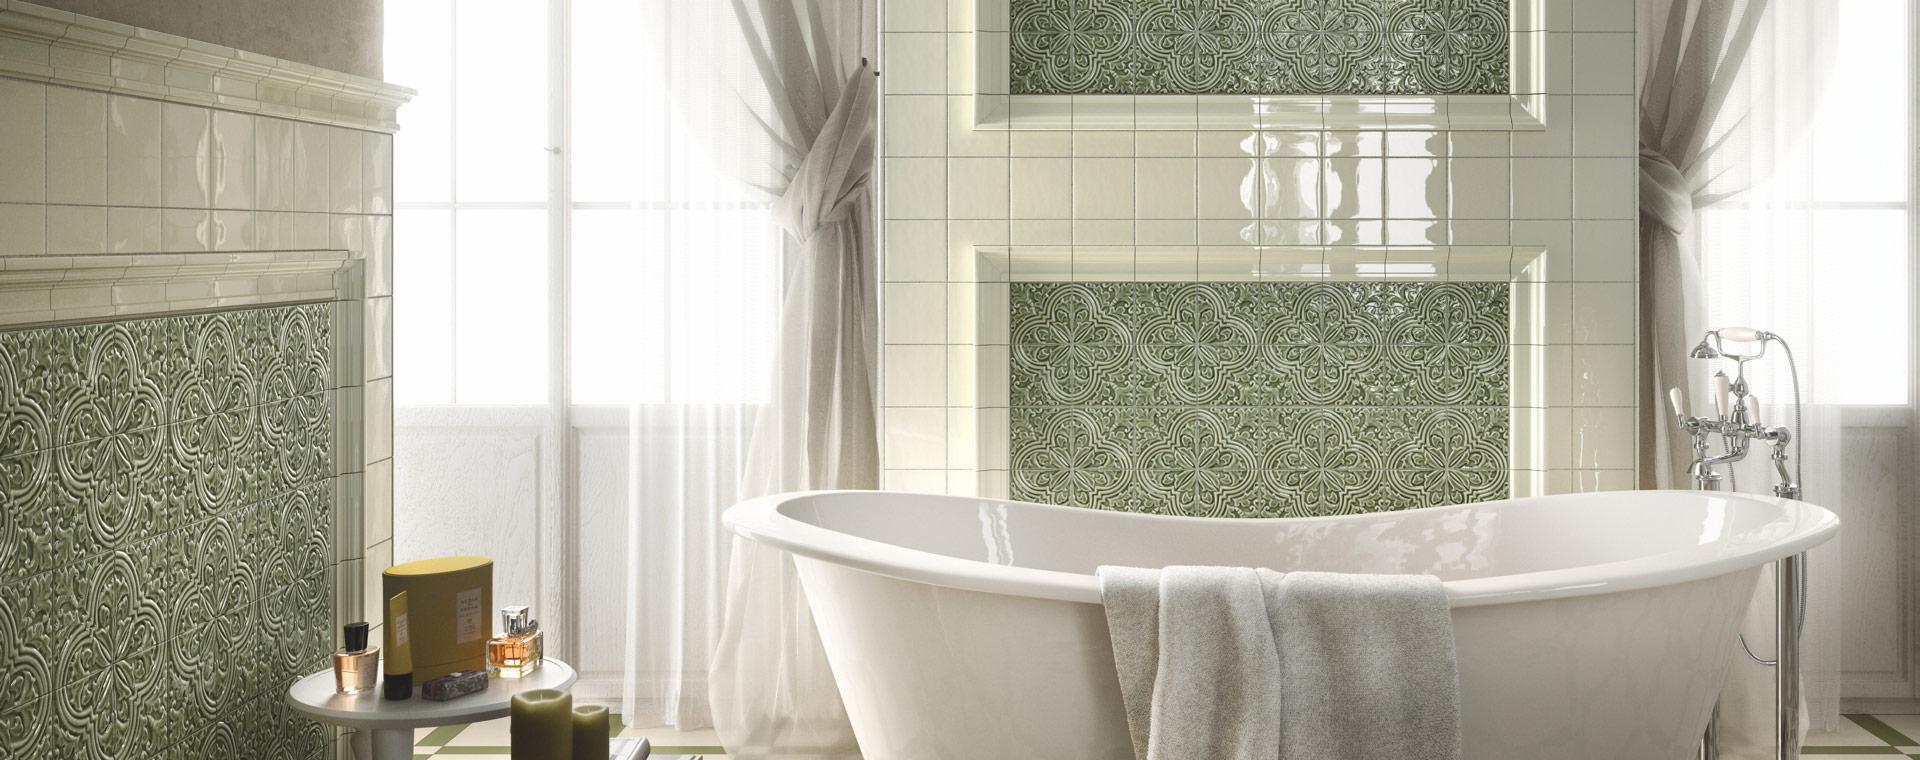 Ceramiche grazia a sassuolo pavimenti e rivestimenti in - Ceramiche grazia bagno ...